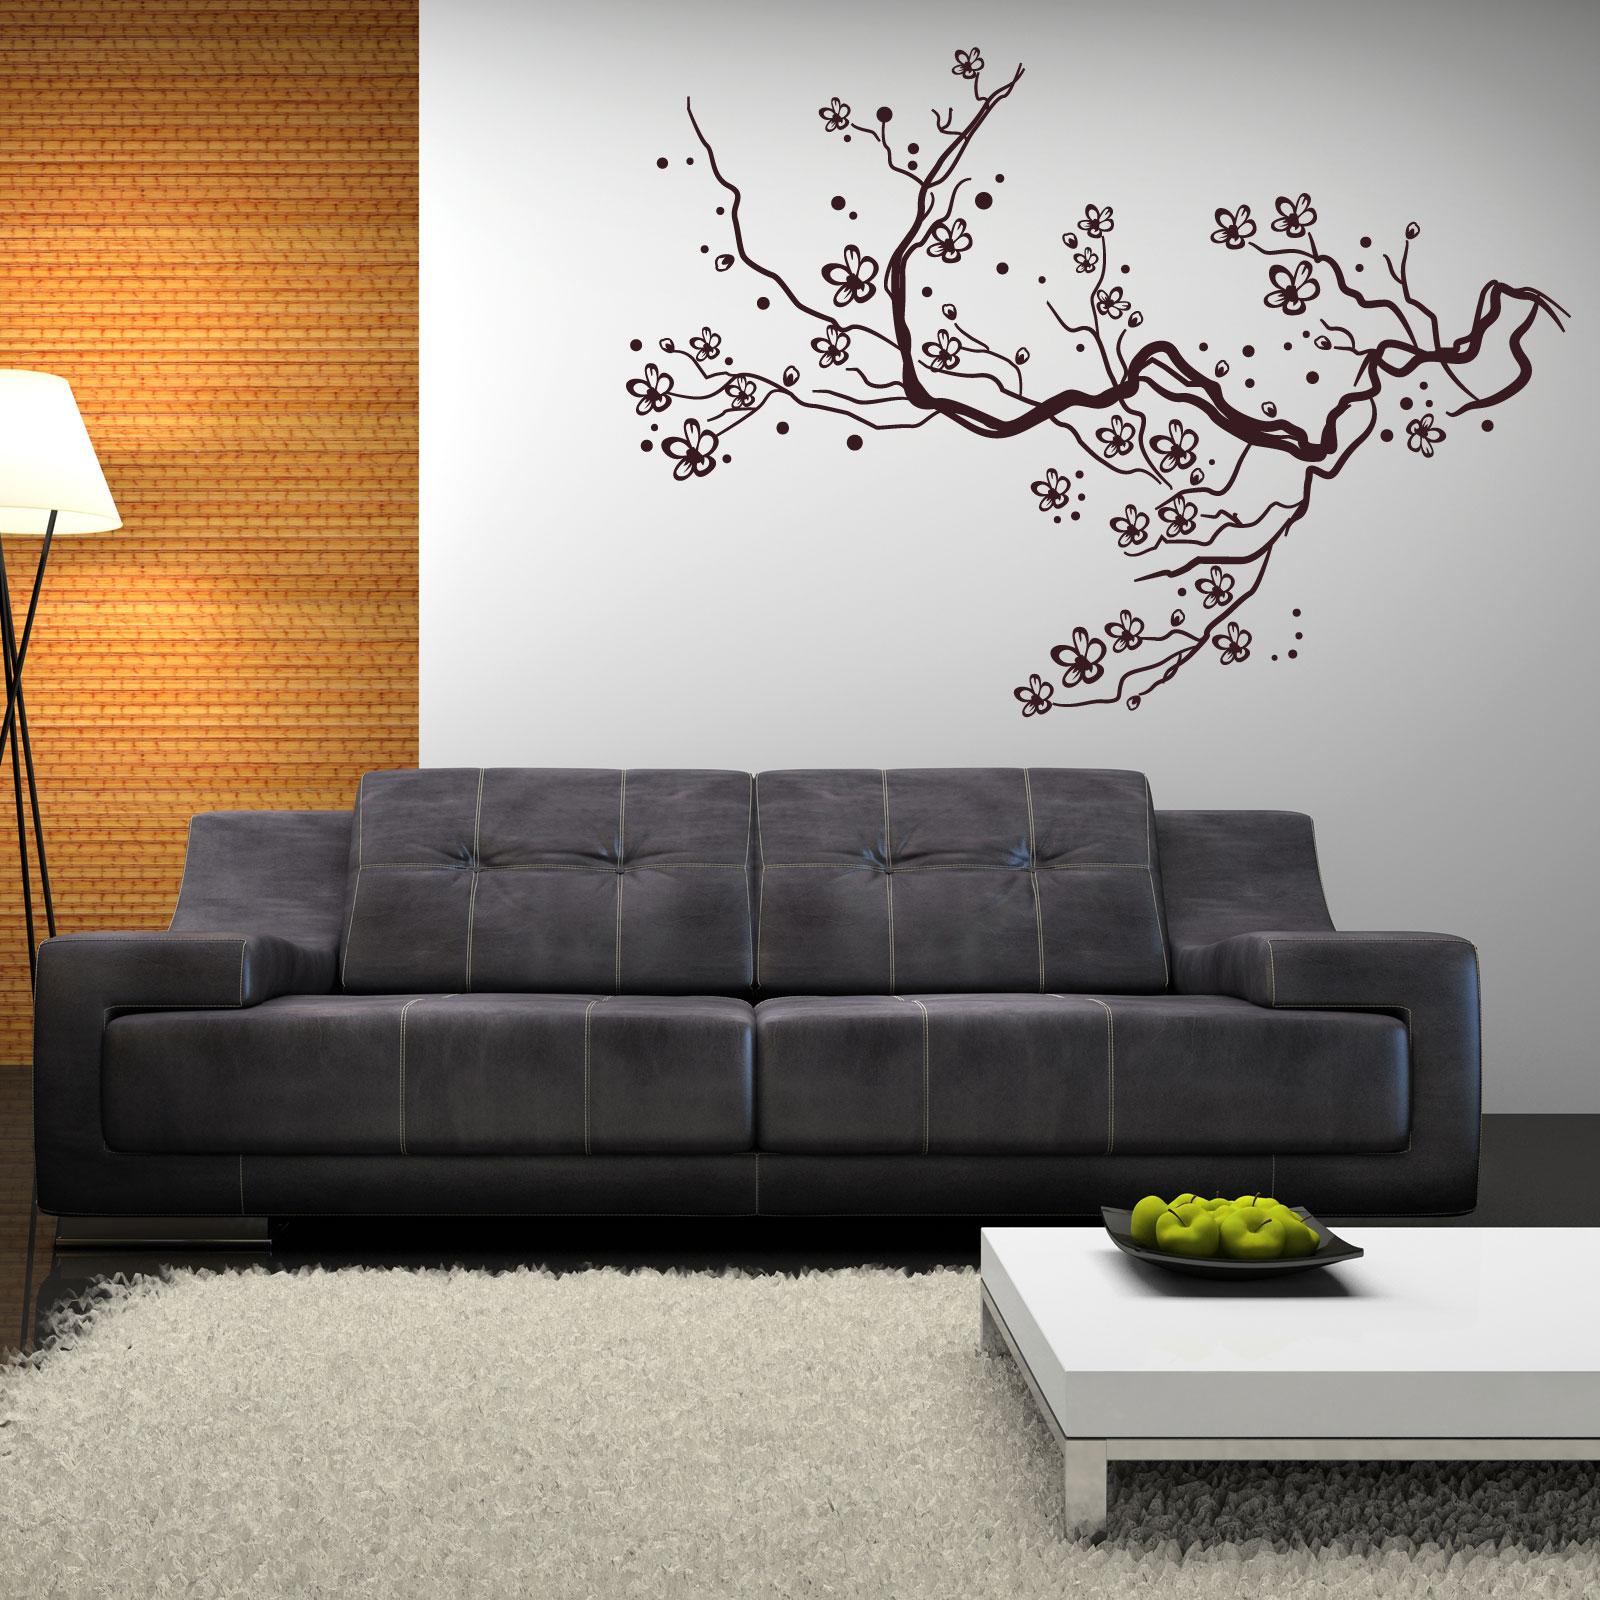 Wandtattoo sakura baumast, kirschblüte, japan, wohnzimmer ...